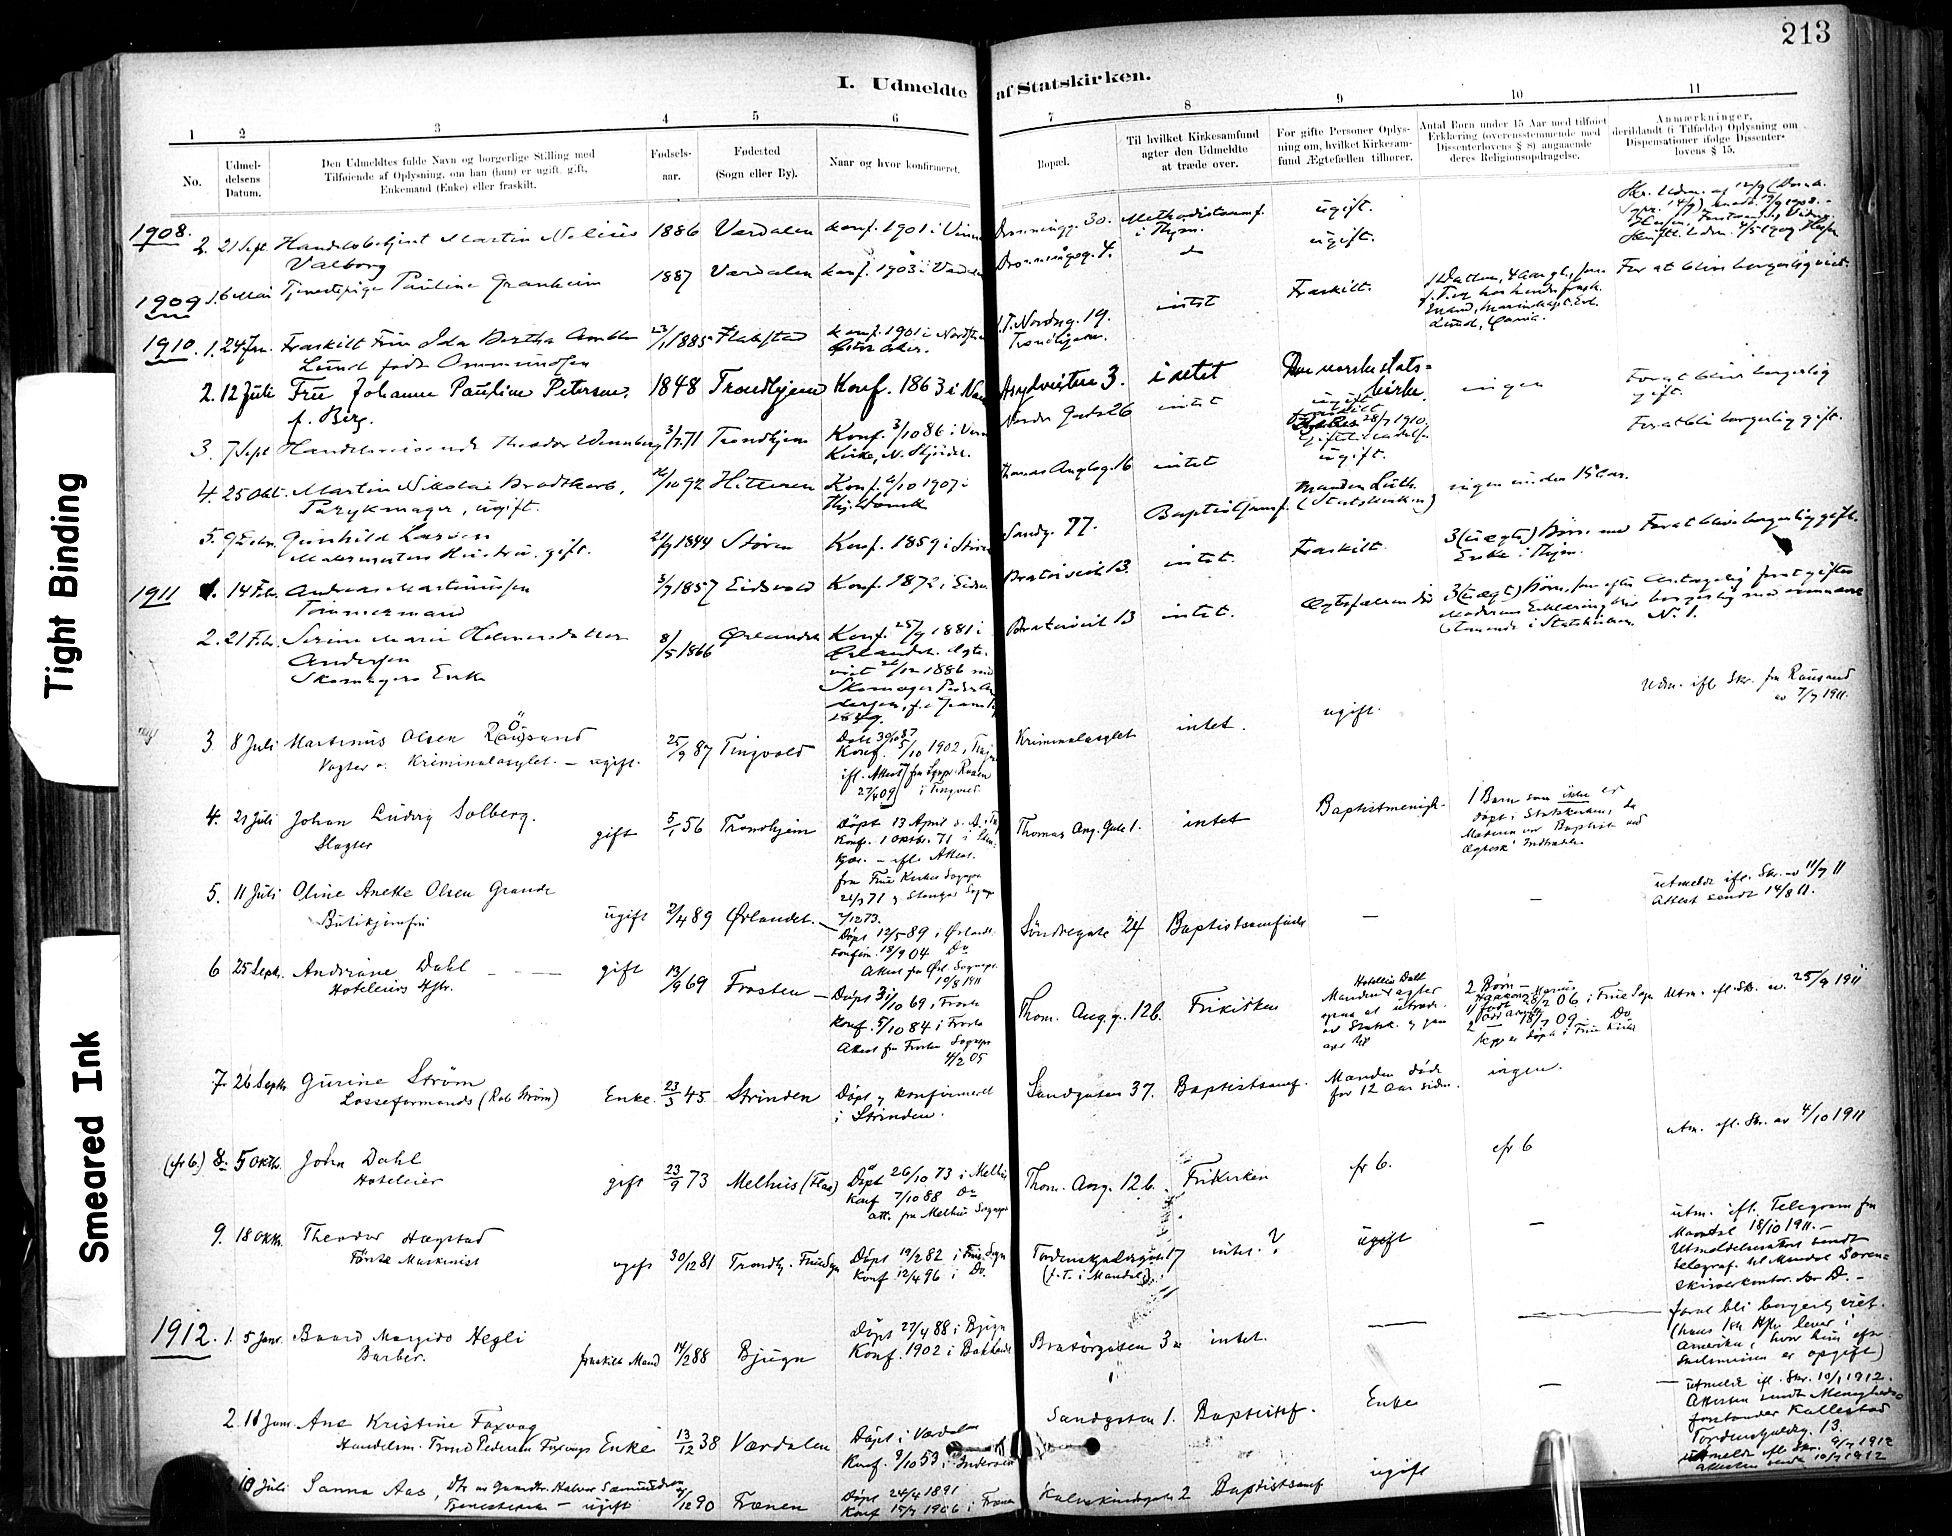 SAT, Ministerialprotokoller, klokkerbøker og fødselsregistre - Sør-Trøndelag, 602/L0120: Ministerialbok nr. 602A18, 1880-1913, s. 213